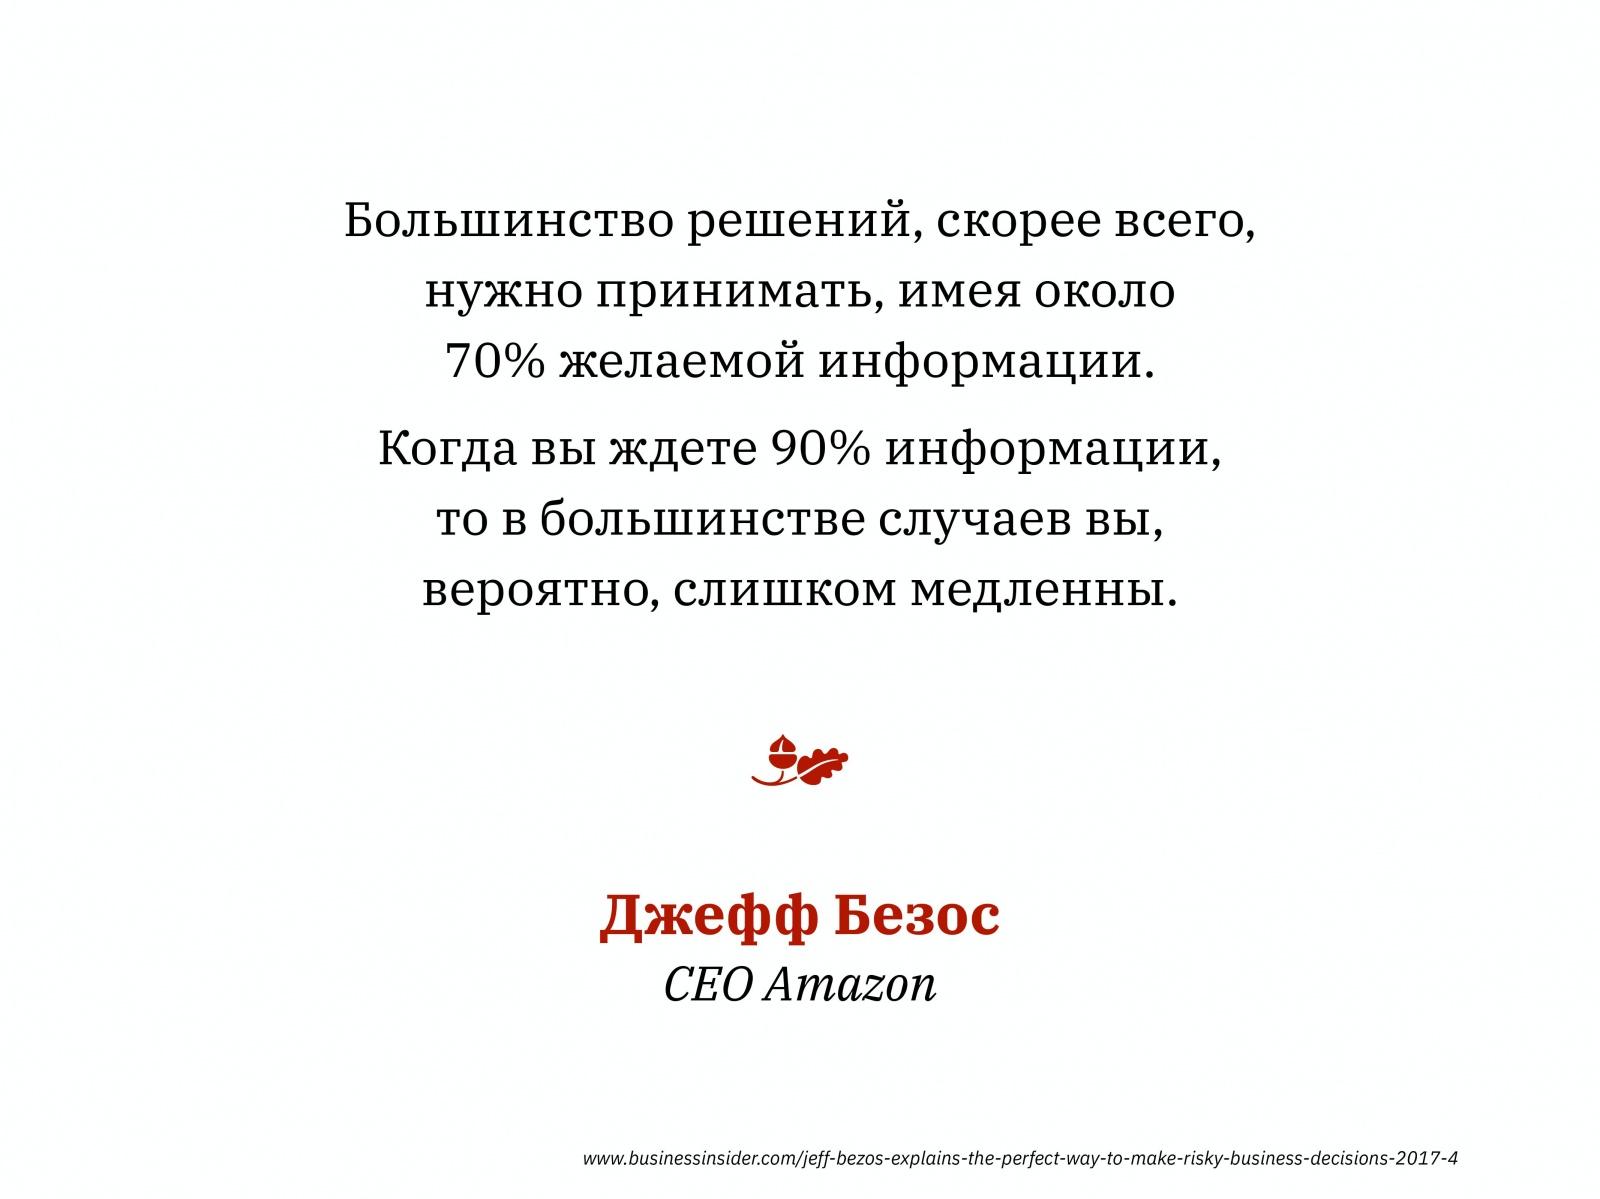 Алексей Каптерев: Критическое мышление 101 (часть 2) - 67